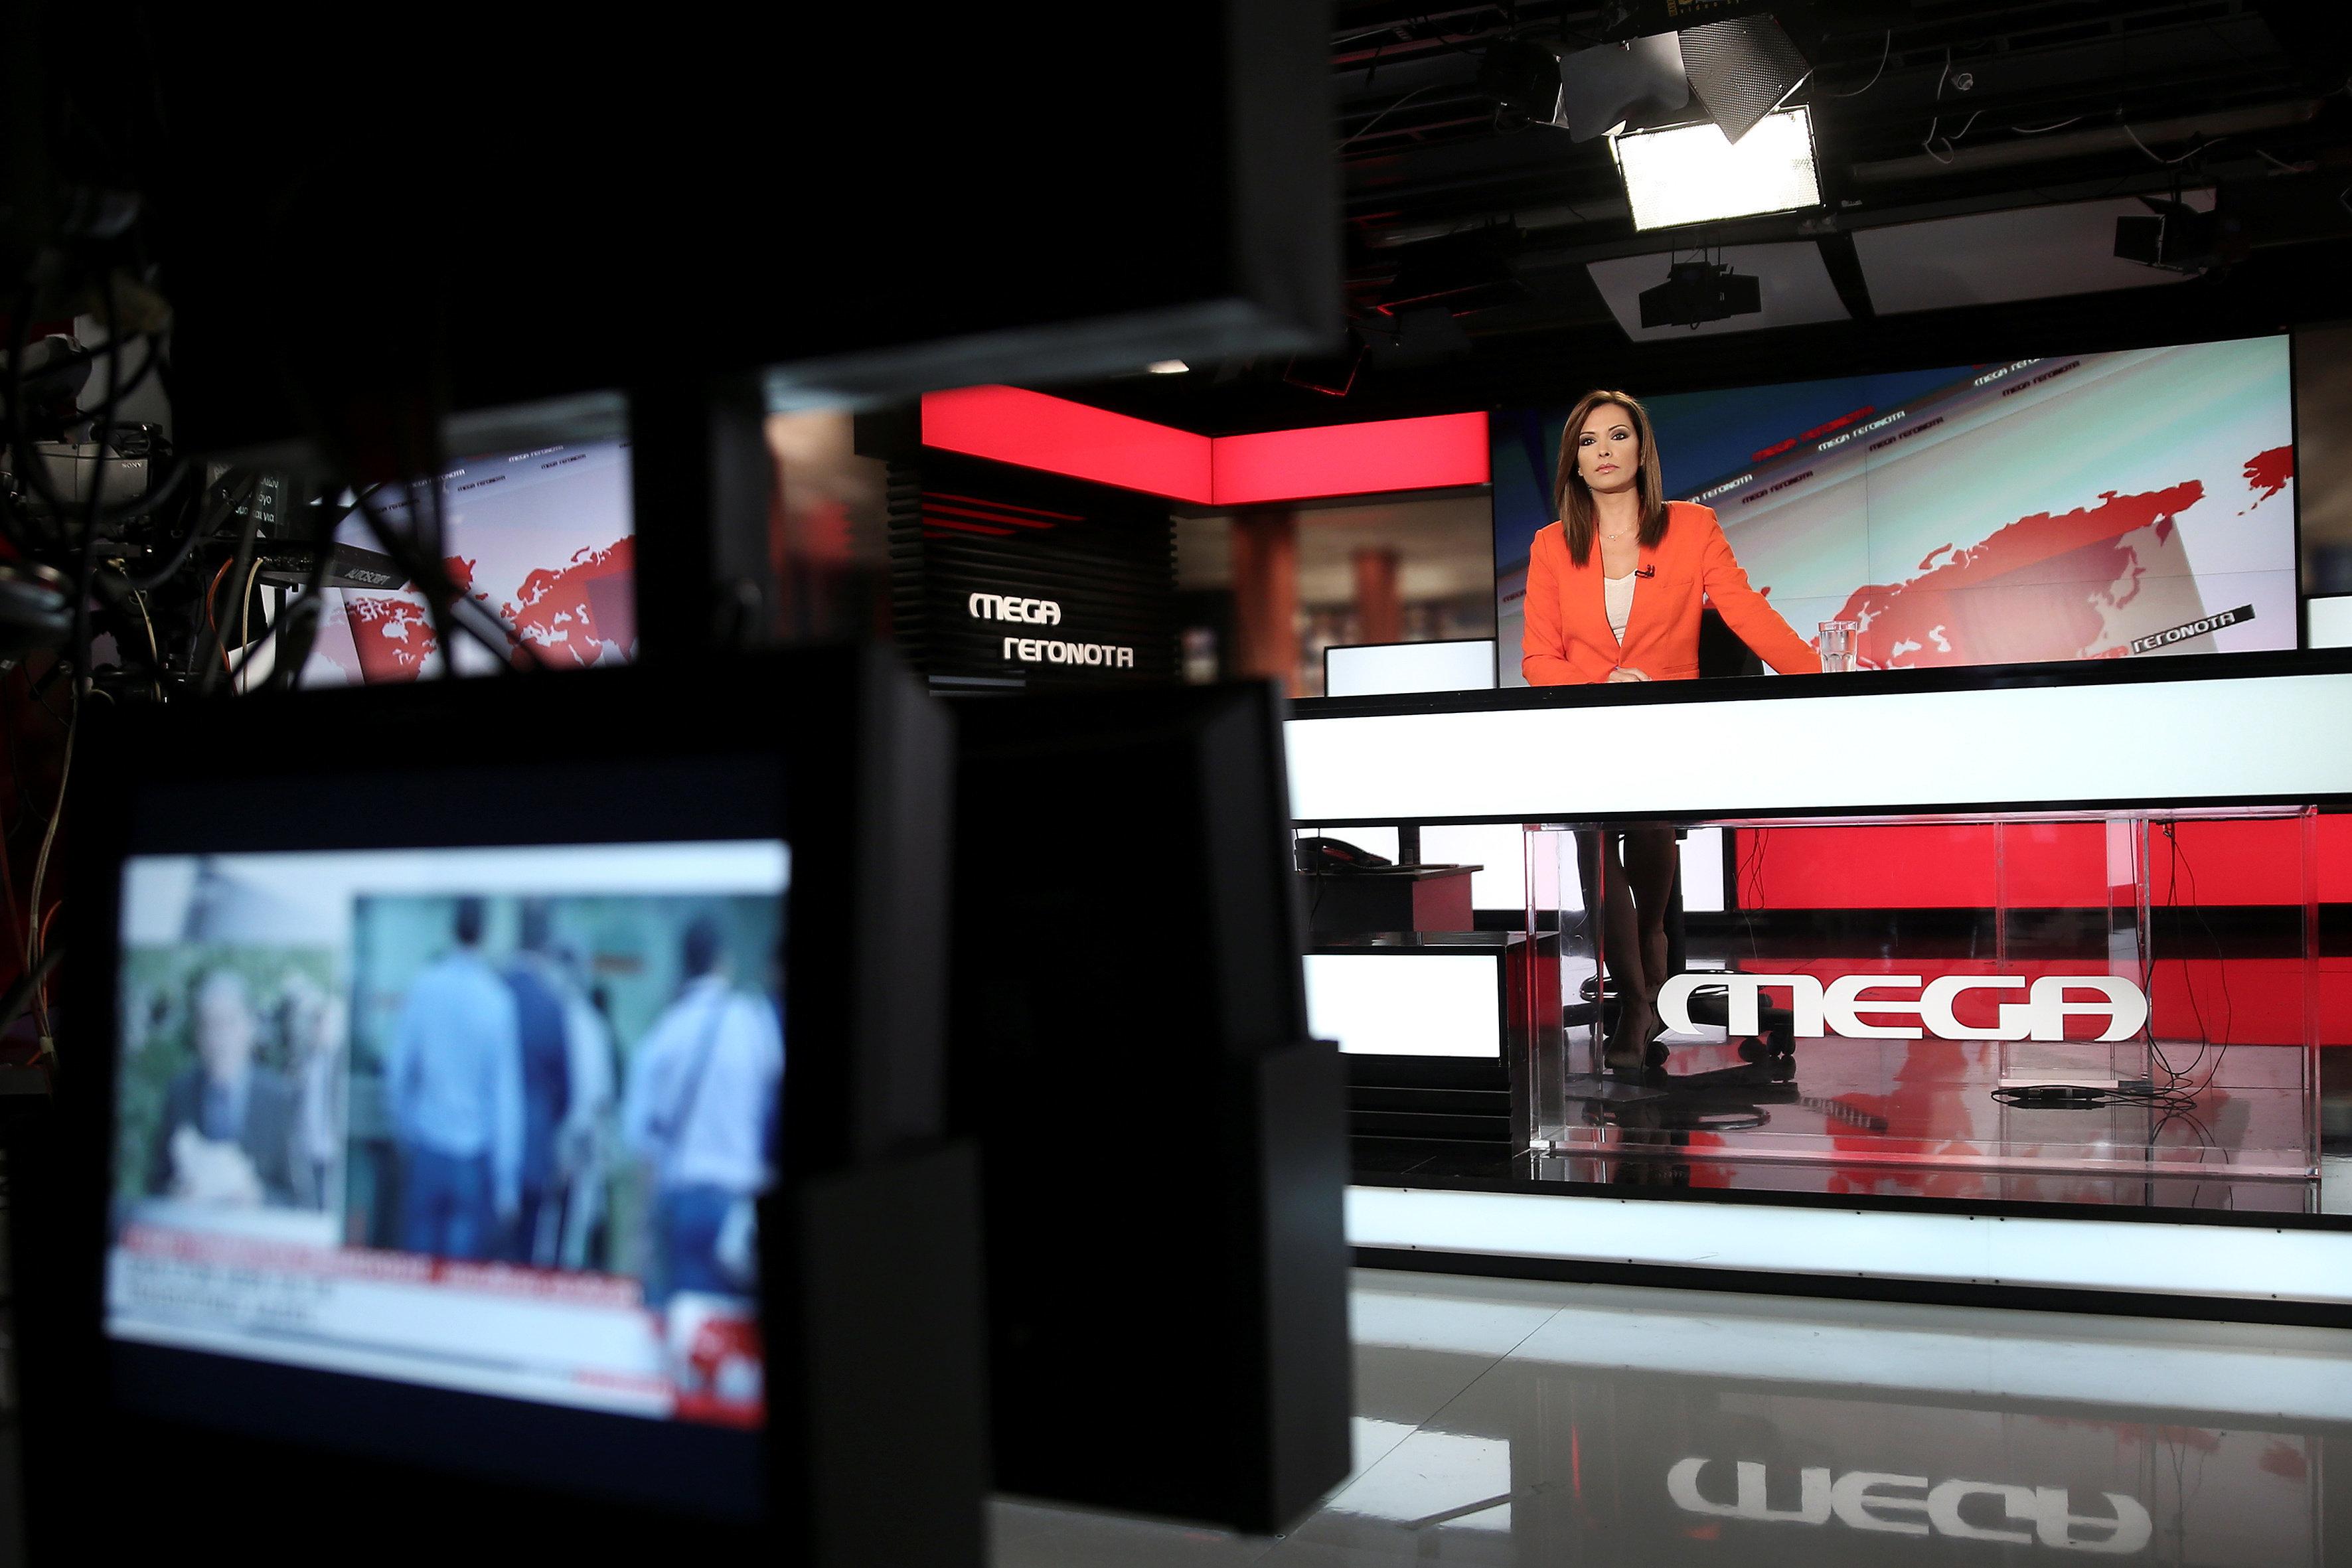 Ήρθε το (;) τέλος του MEGA. H ανακοίνωση της Τηλέτυπος και η δέσμευση Βαρδινογιάννη για εξόφληση